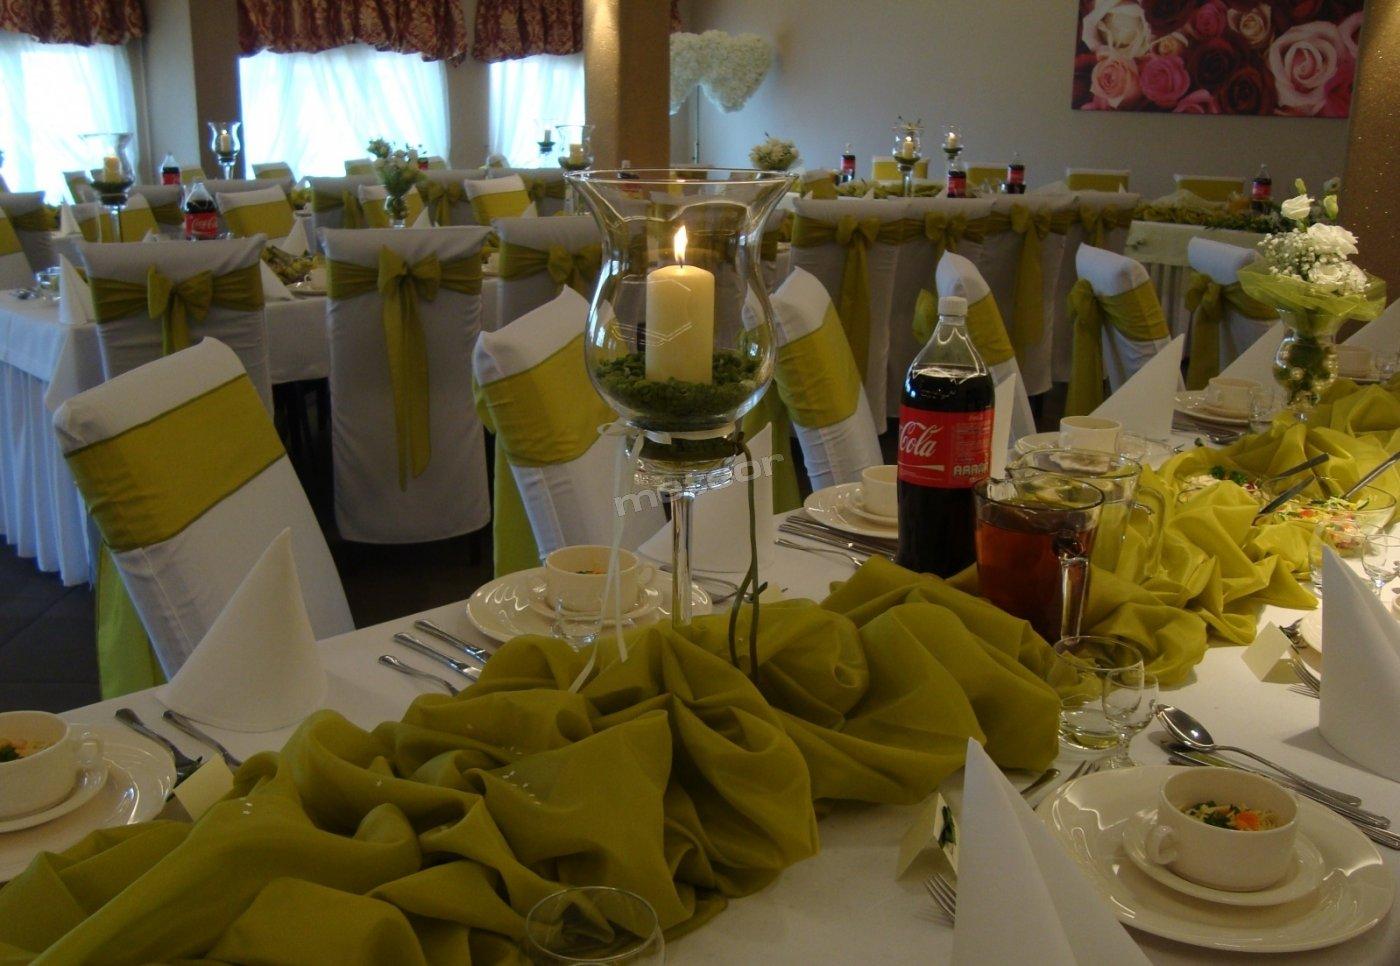 Dekoracja sali weselnej w kolorze oliwkowym.